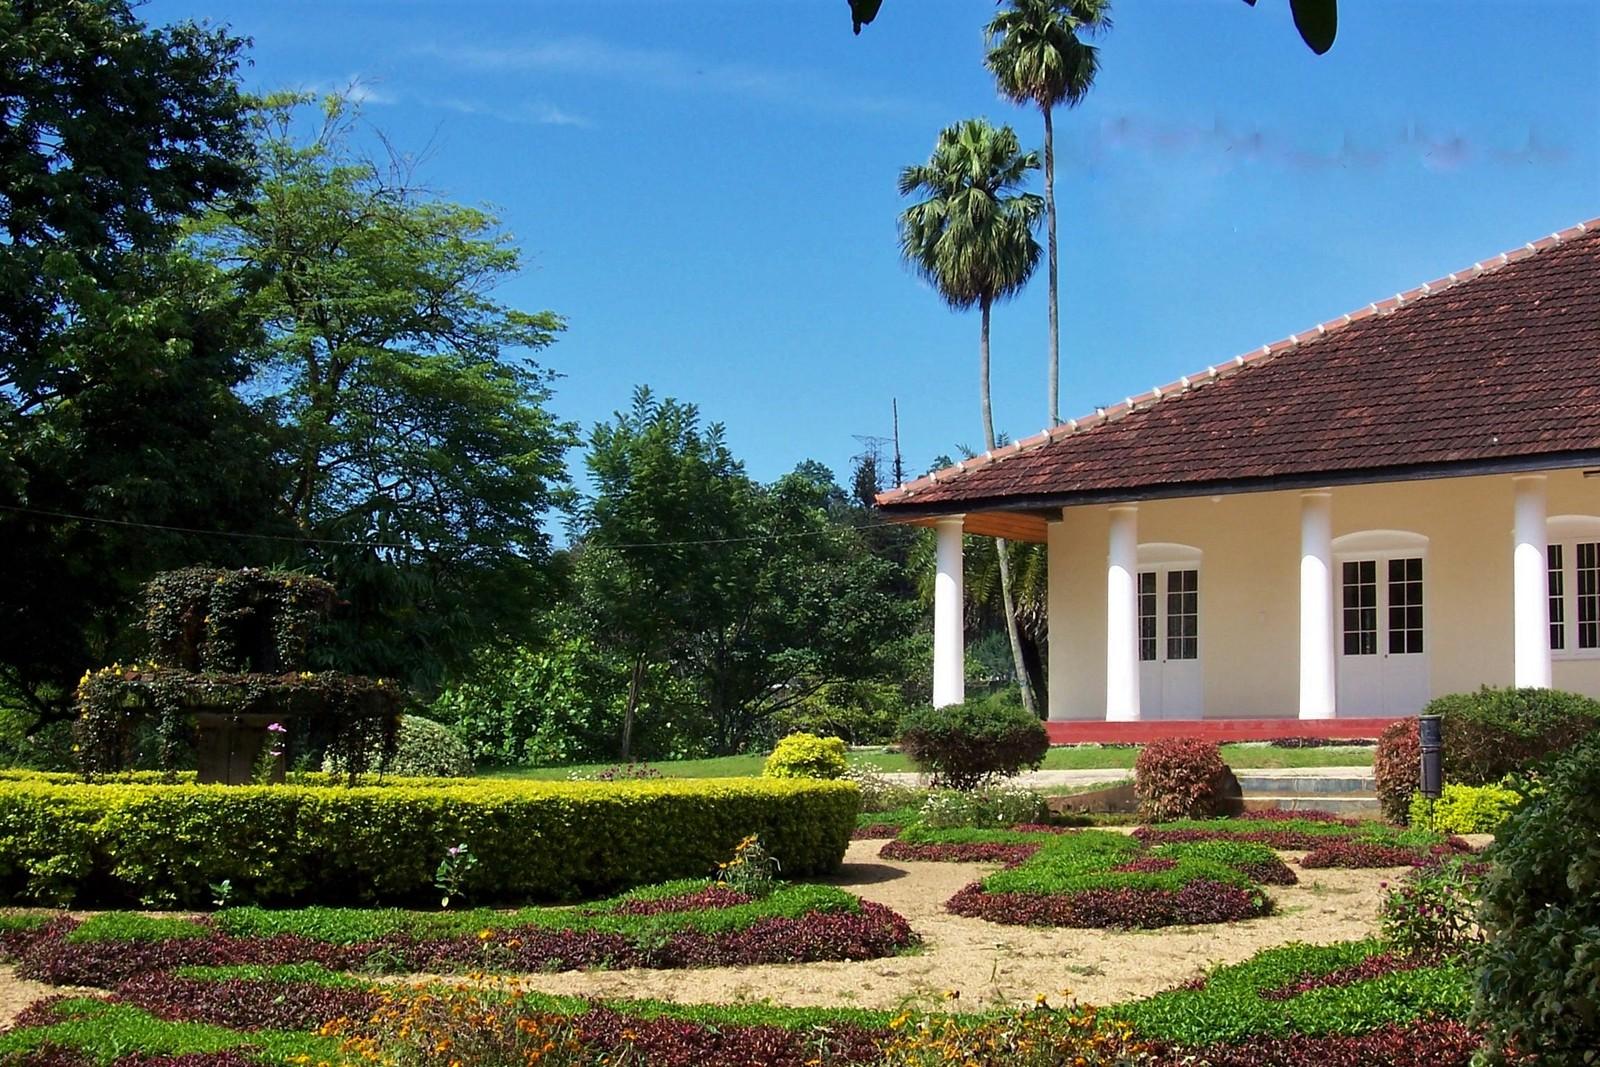 National Herbarium - Botanischer Garten Peredeniya